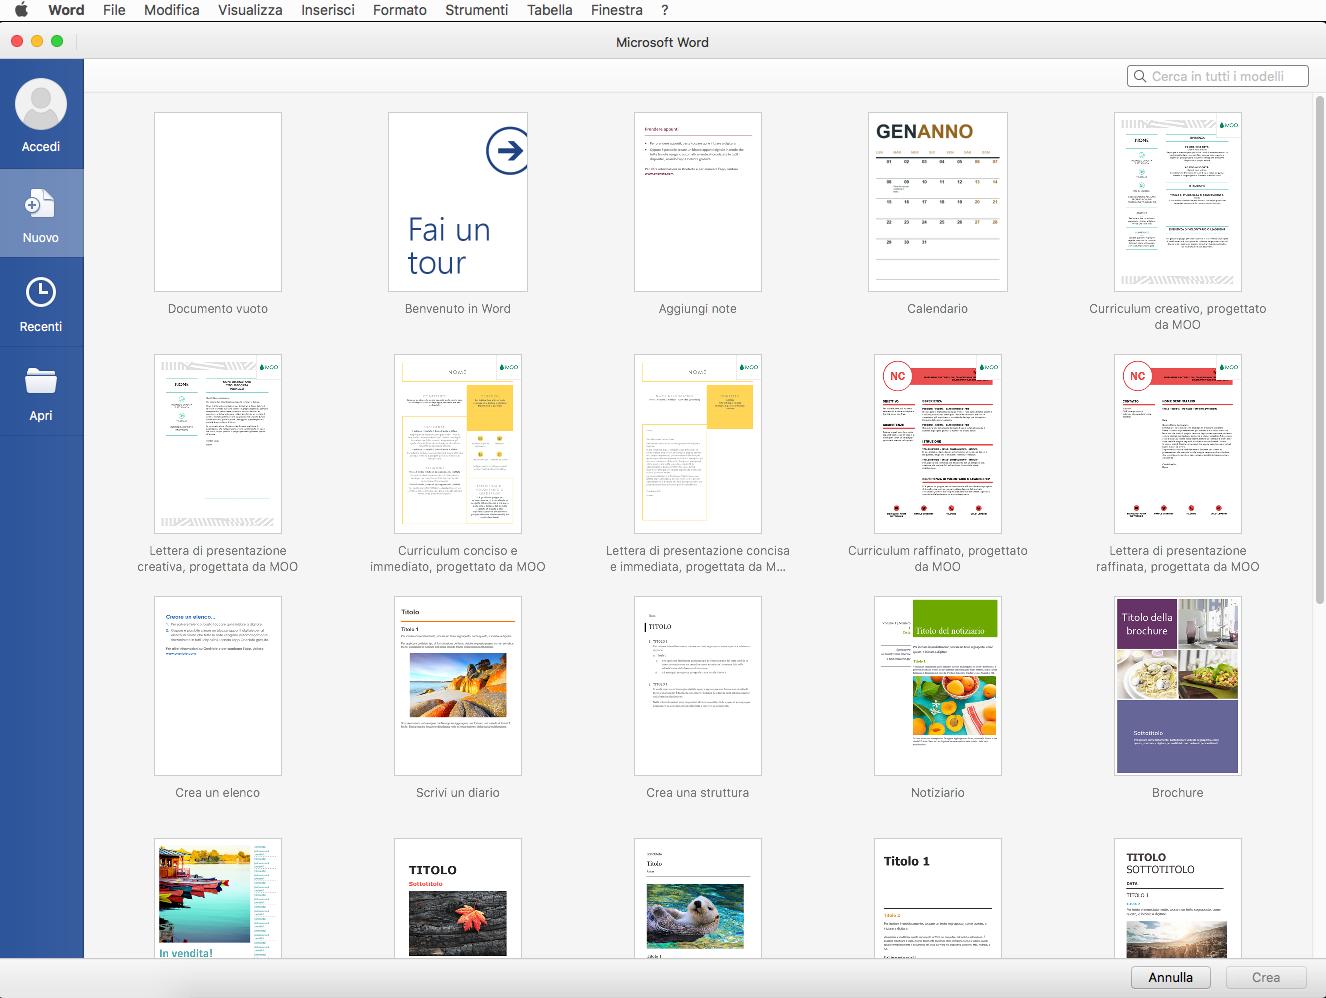 [MAC] Microsoft Office 2019 VL v16.36 macOS - ITA